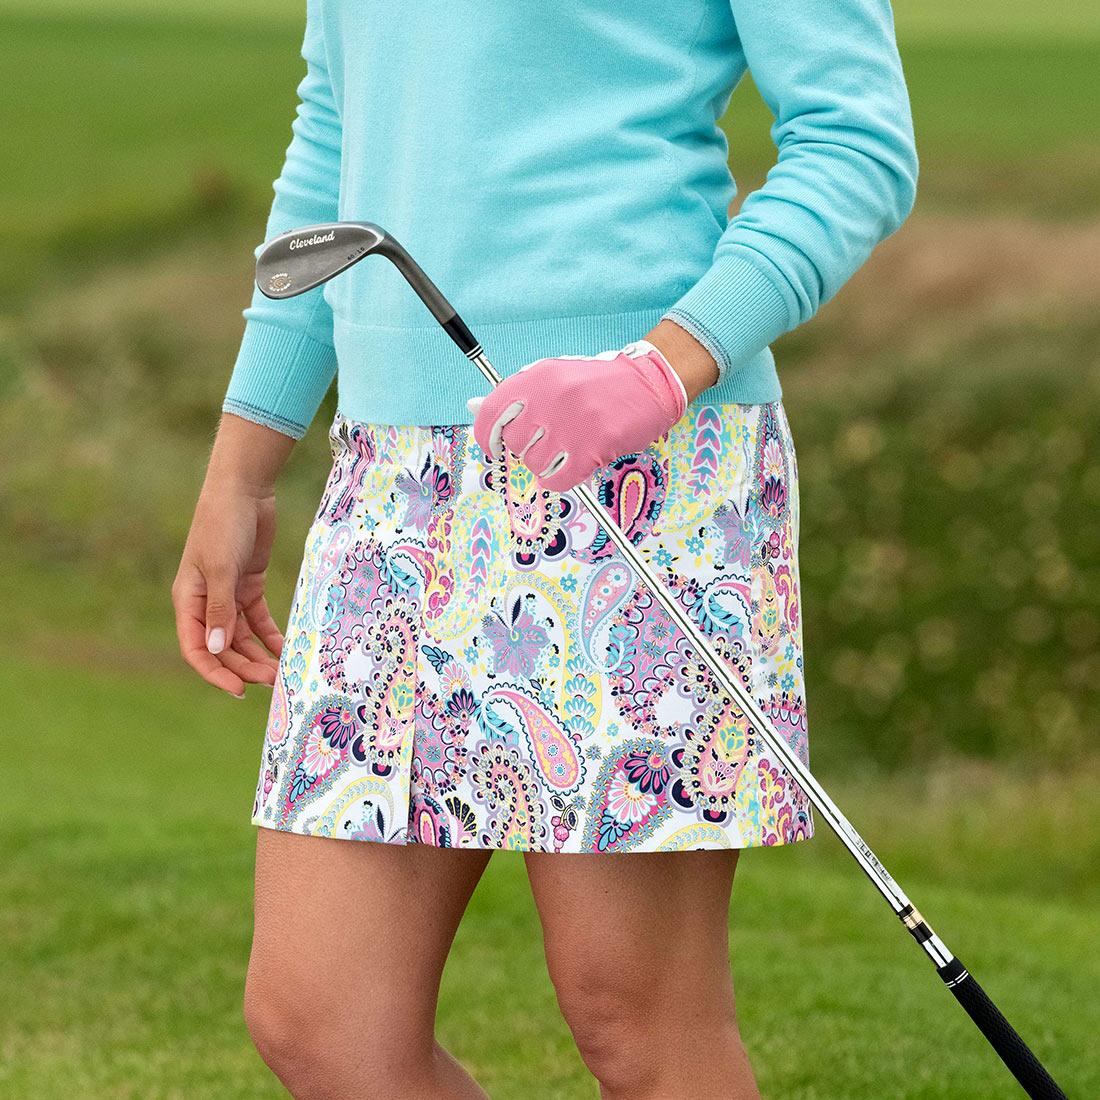 Damen Golfskort mit Paisley-Muster in mittlerer Länge